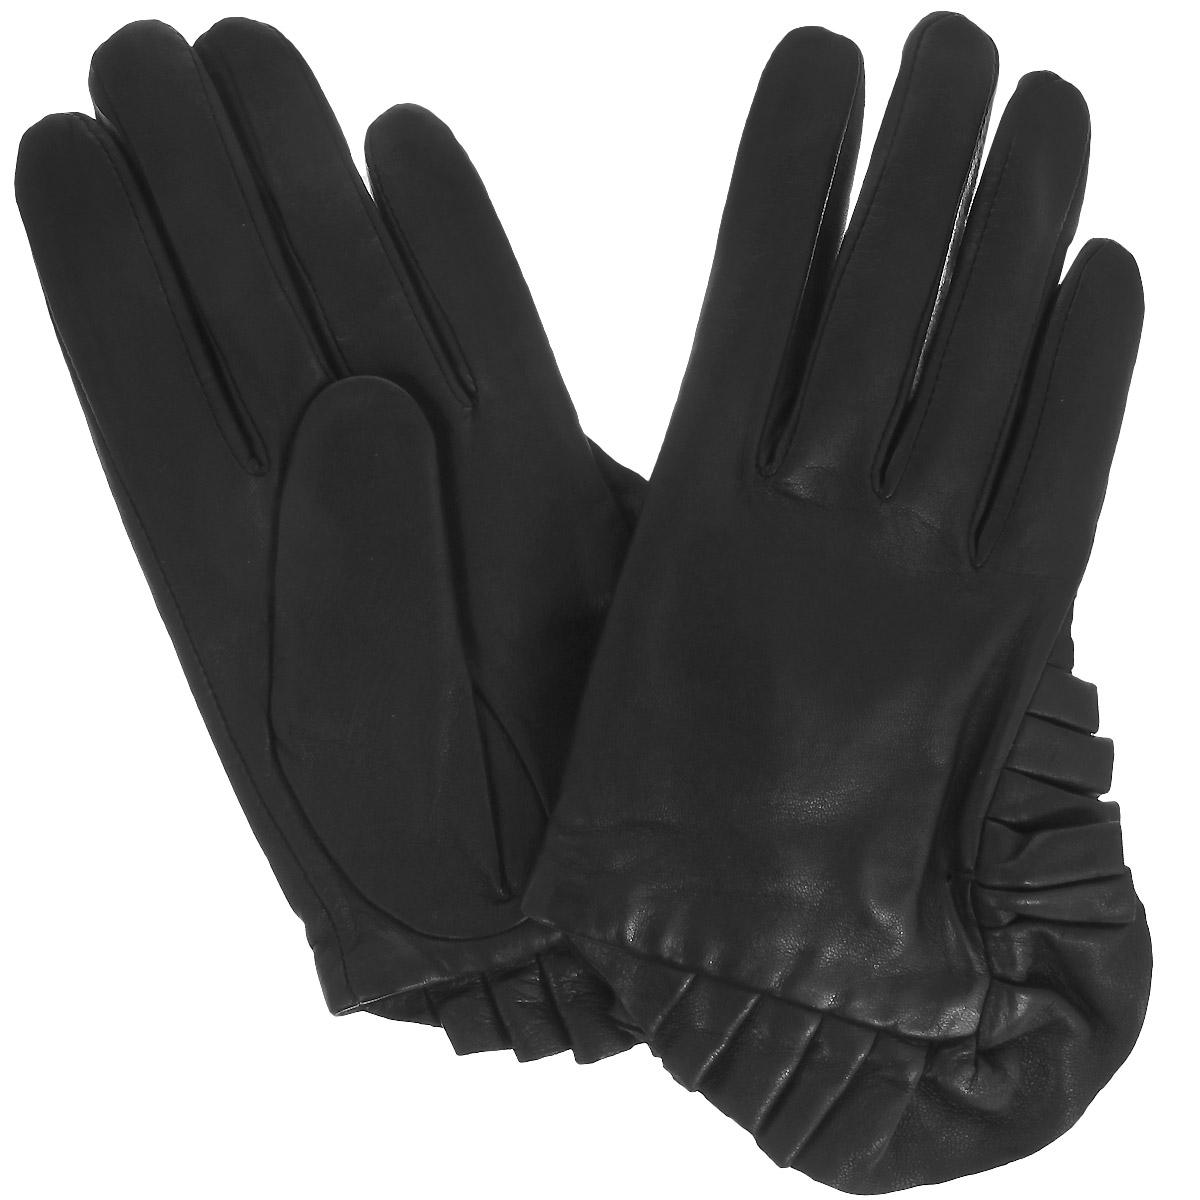 Перчатки женские Dali Exclusive, цвет: черный. 11_PAVIO/BL. Размер 811_PAVIO/BLСтильные женские перчатки Dali Exclusive с подкладкой из 100% шерсти выполнены из мягкой и приятной на ощупь натуральной кожи ягненка.Манжеты оформлены декоративной оборкой.Такие перчатки подчеркнут ваш стиль и неповторимость и придадут всему образу нотки женственности и элегантности.